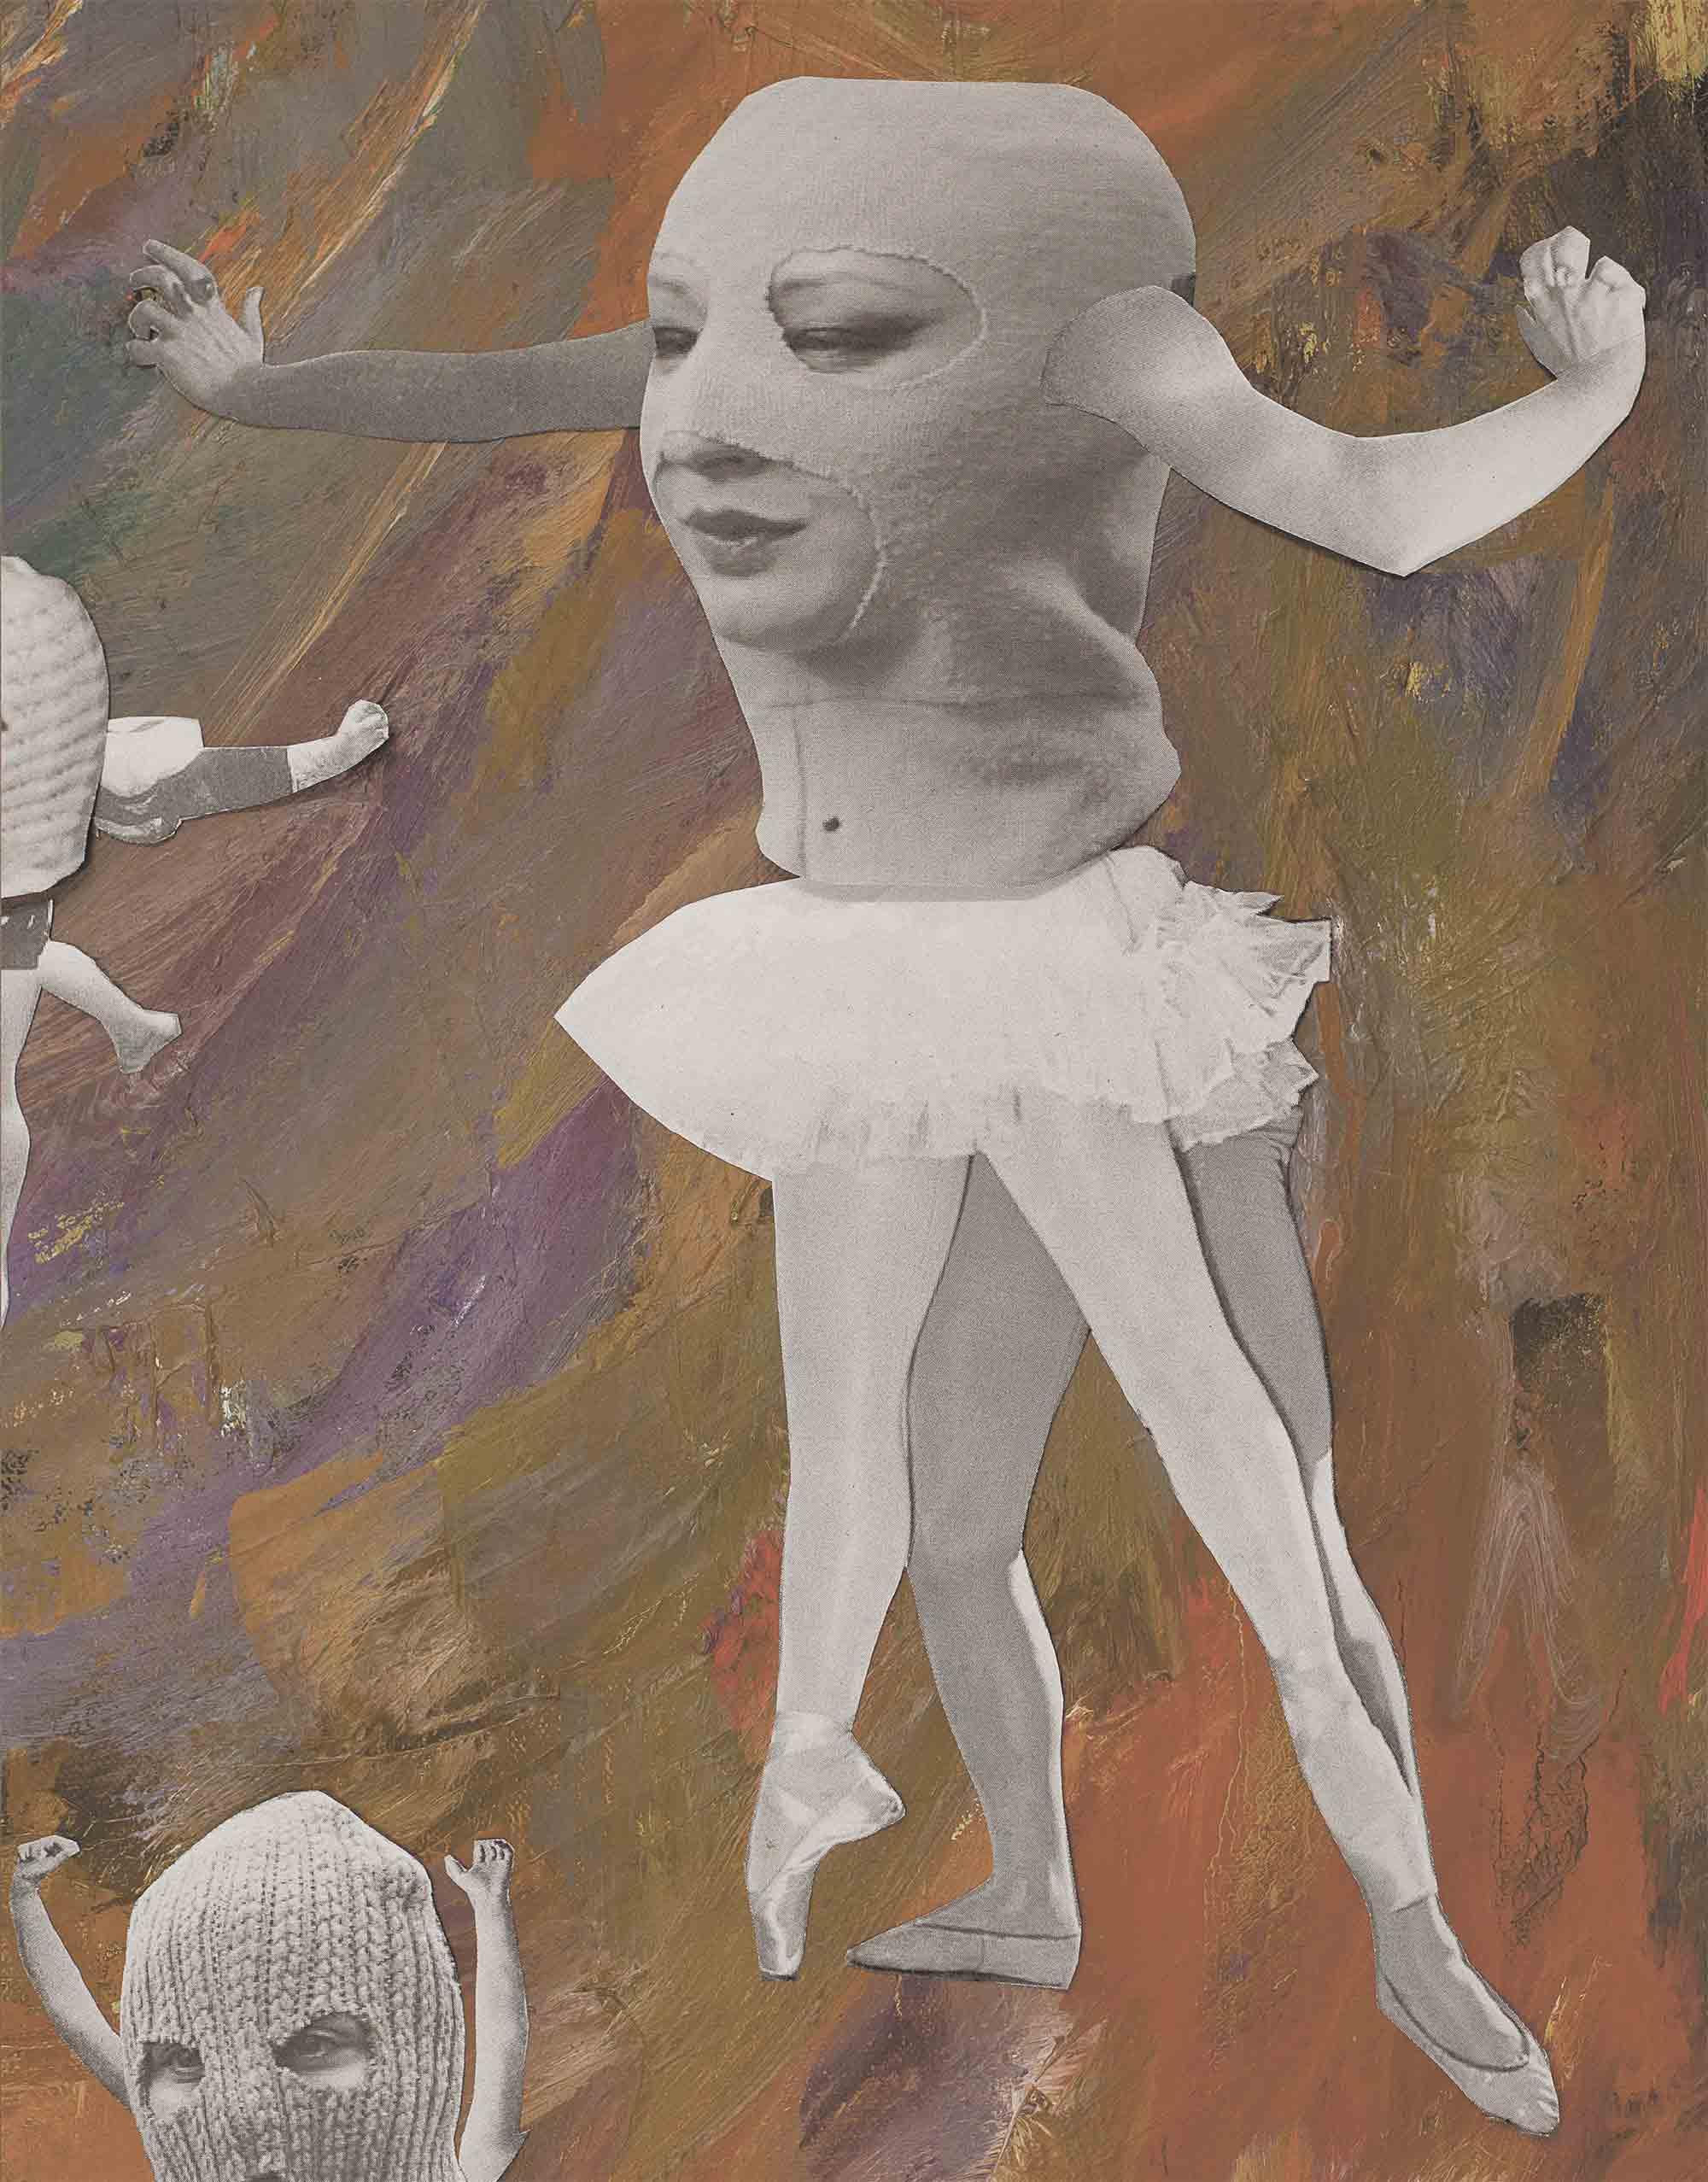 msdm-russian-ballet-riot-newspaper-49